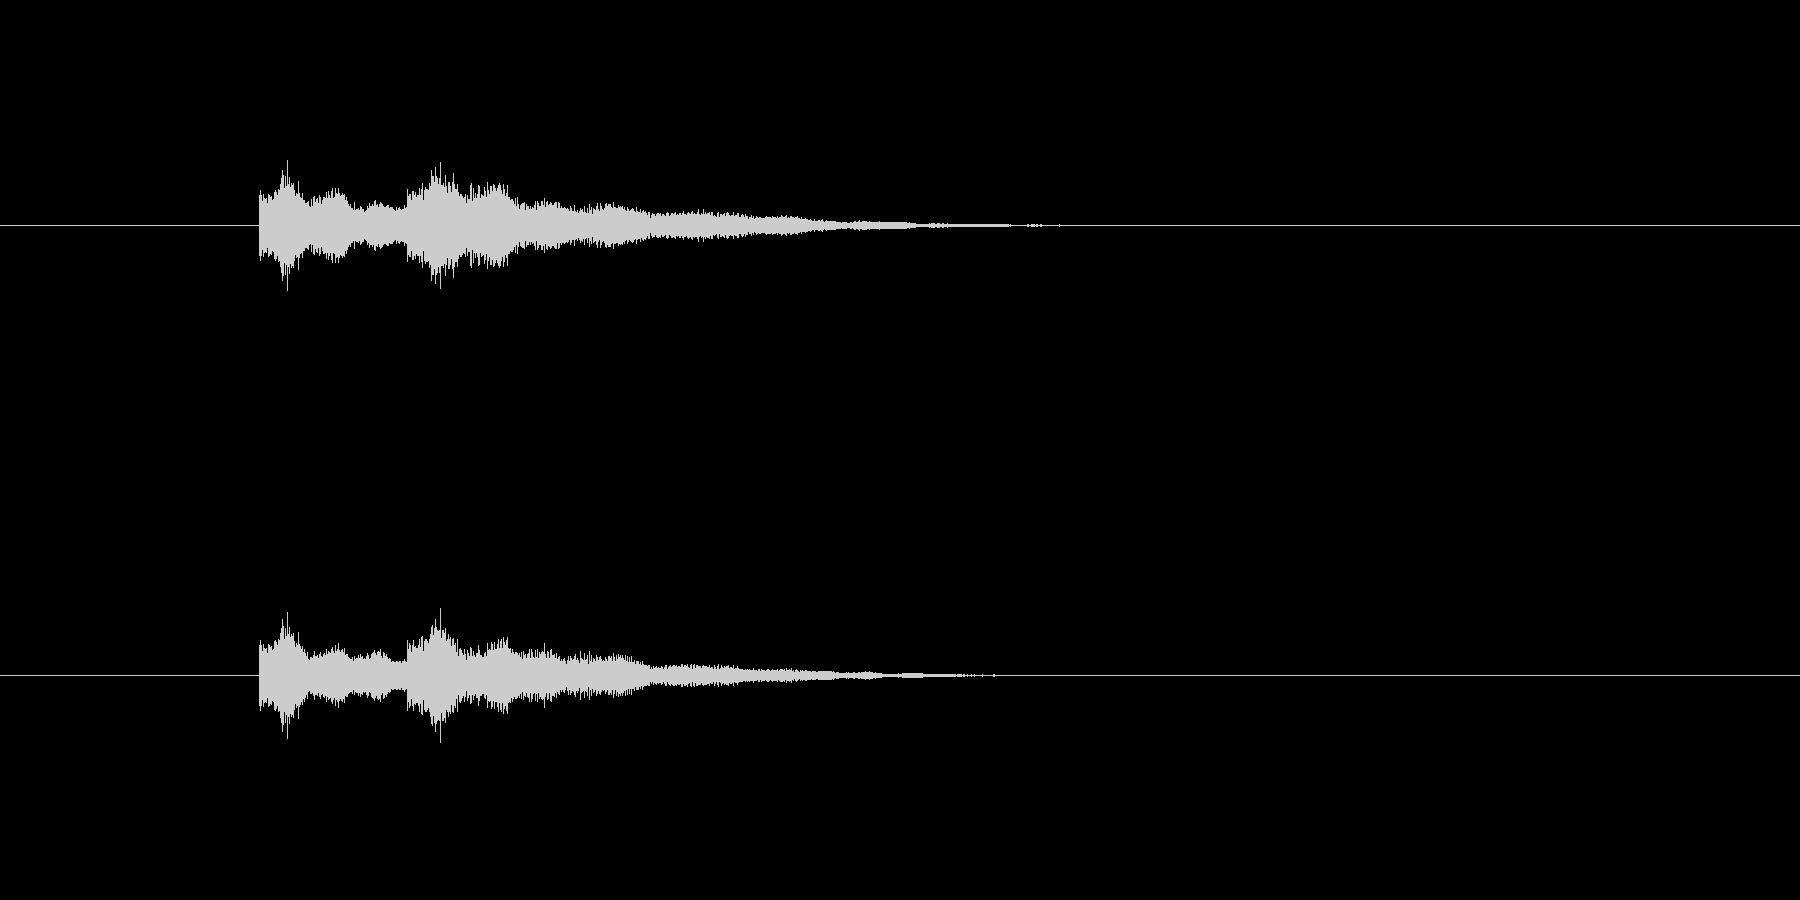 チャイム音の未再生の波形